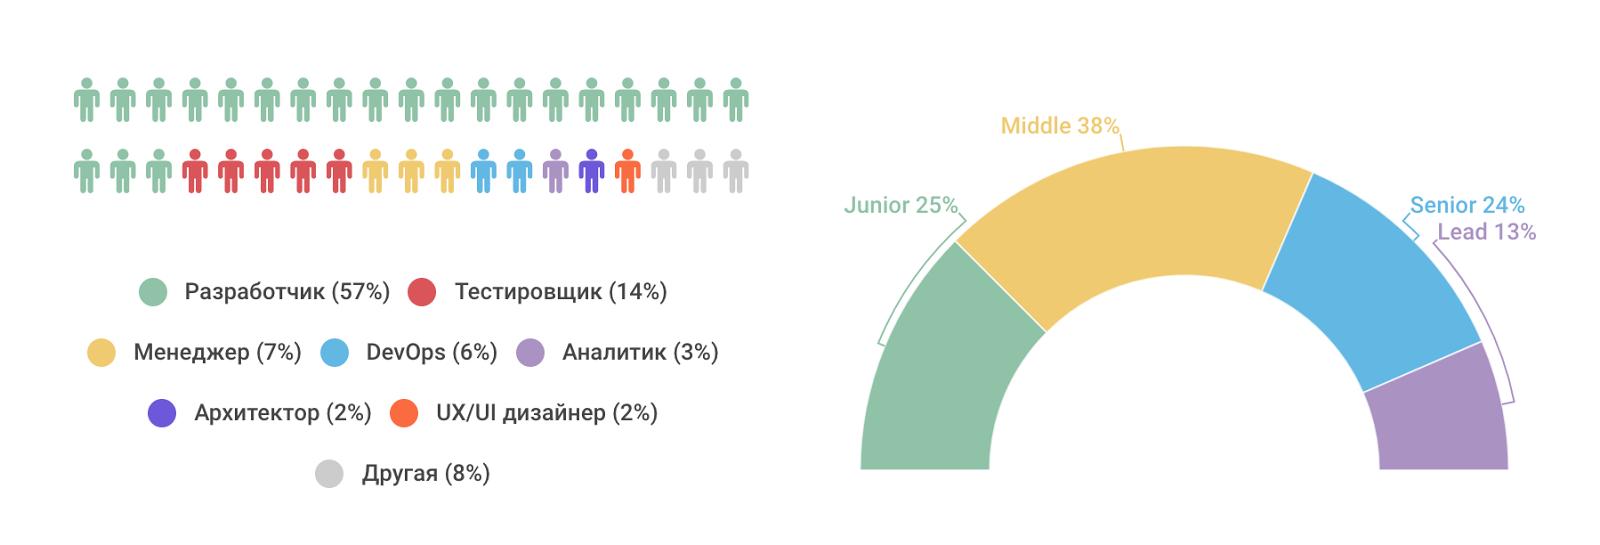 Рейтинг ИТ-работодателей Санкт-Петербурга и Москвы: результаты опроса разработчиков - 2